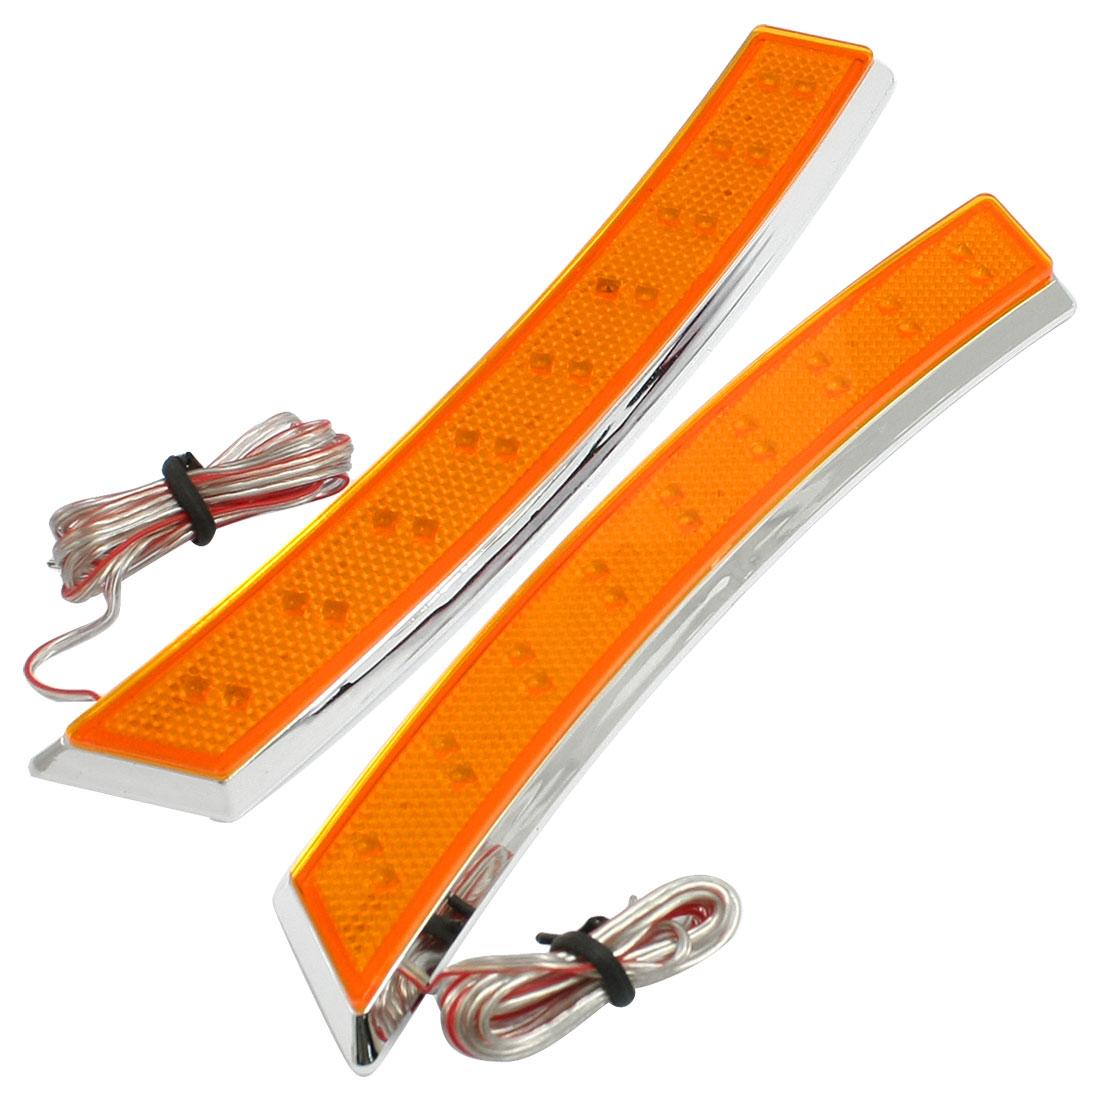 Car Wheel Eyebrow Side Marker Adhesive 18 LED Turn Signal Light Orange 2 Pcs